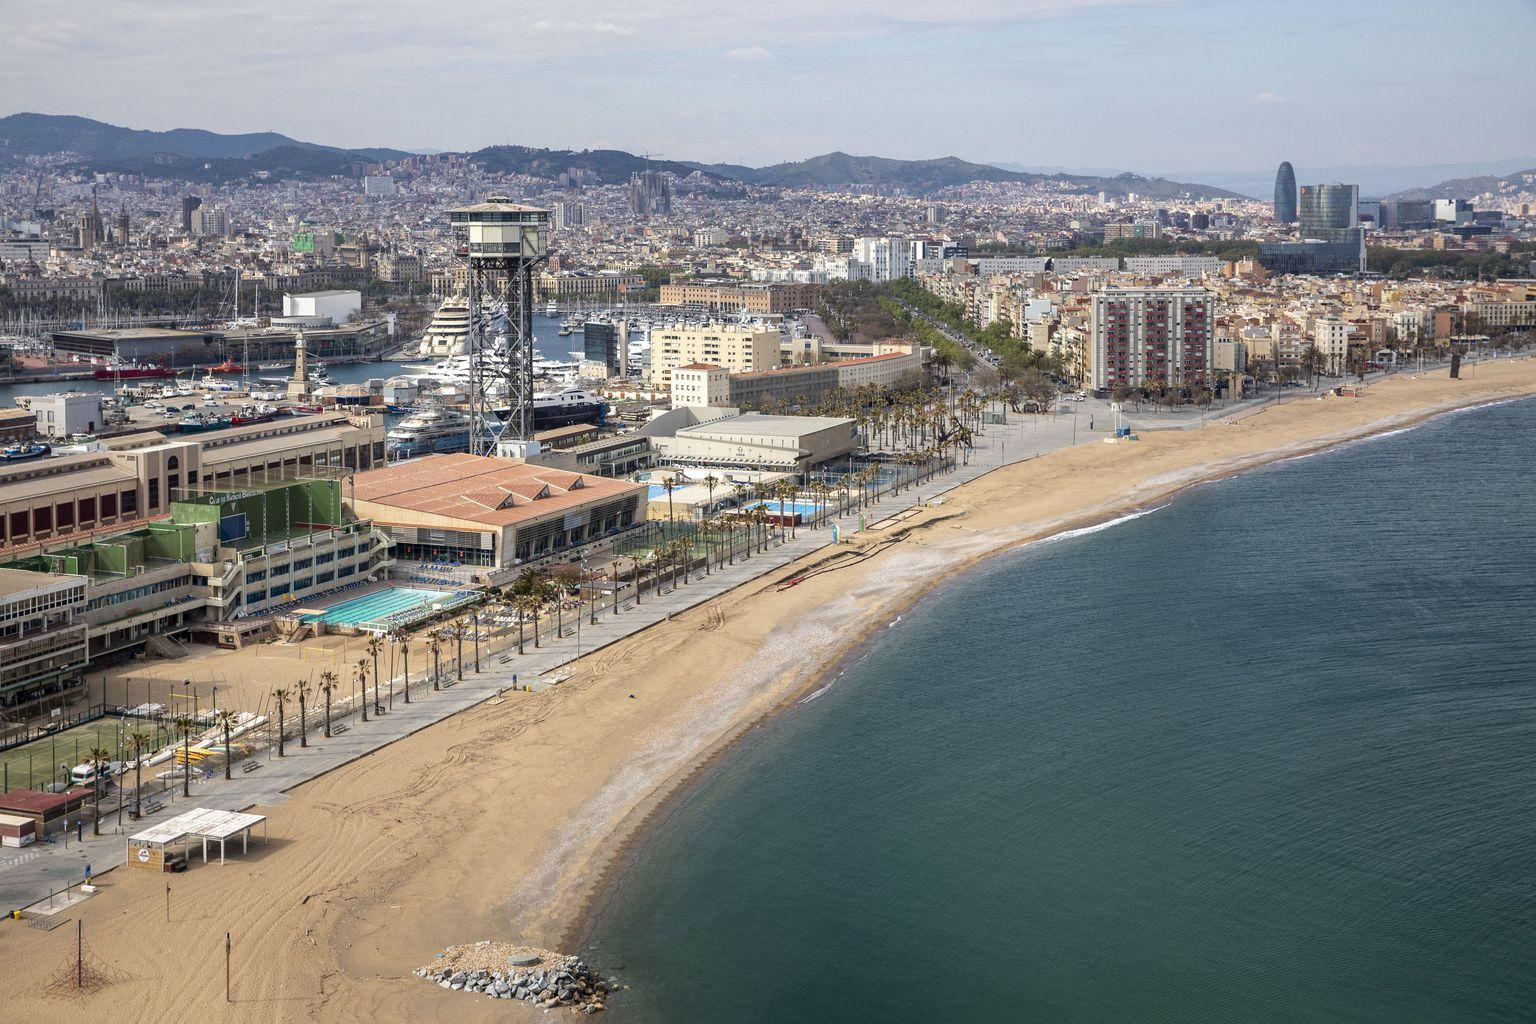 Barcelona reduce un 15% el número máximo de bañistas en sus playas - novedades, lugares